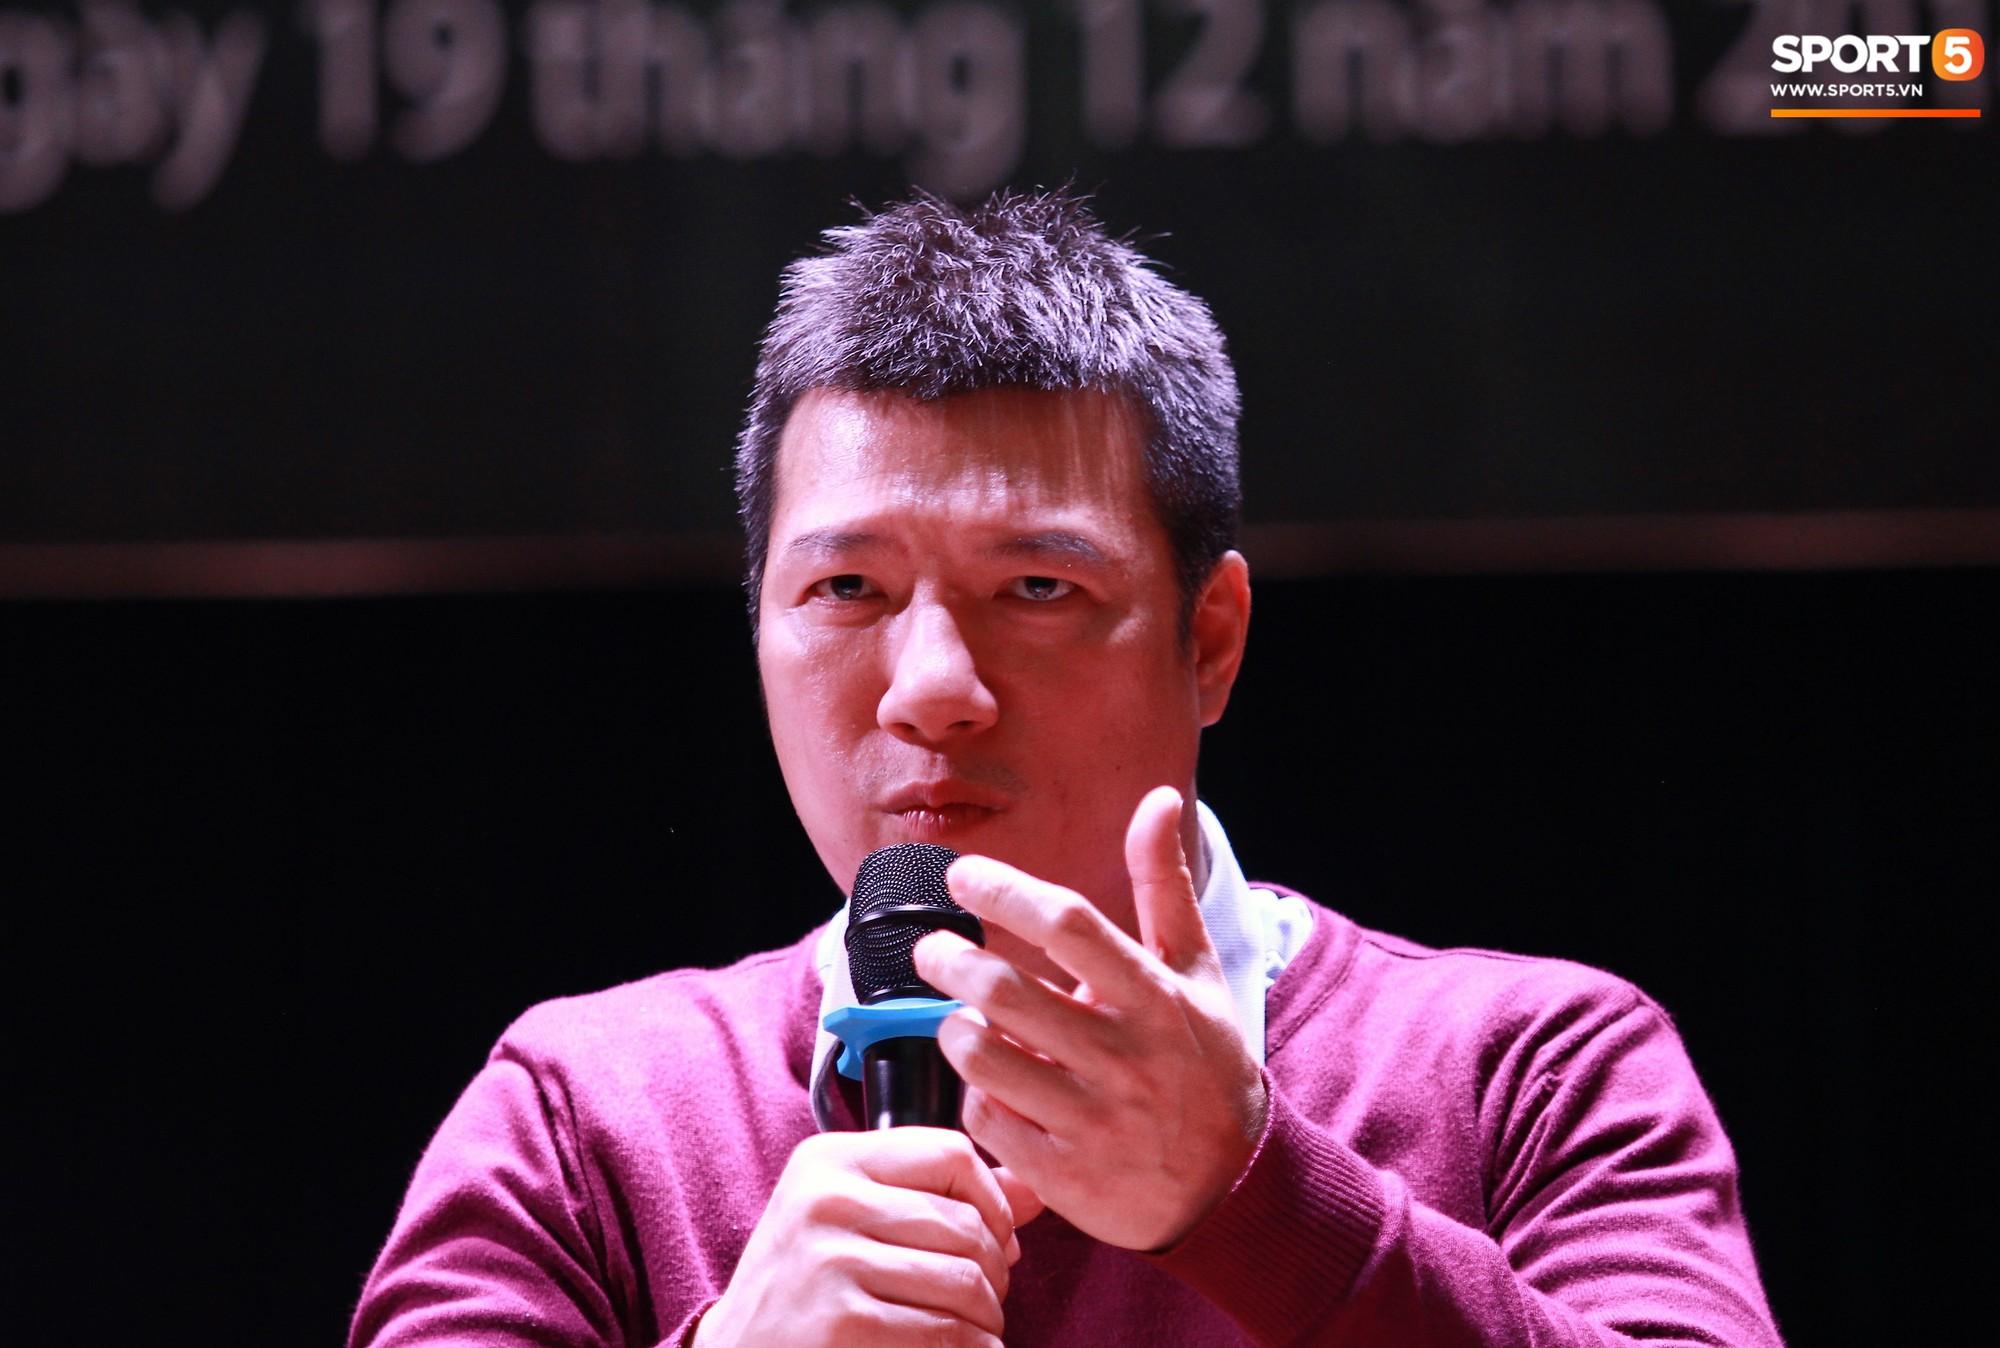 Nhà vô địch Phạm Đức Huy truyền cảm hứng cho sinh viên Học viện Công nghệ Bưu chính Viễn thông - Ảnh 7.